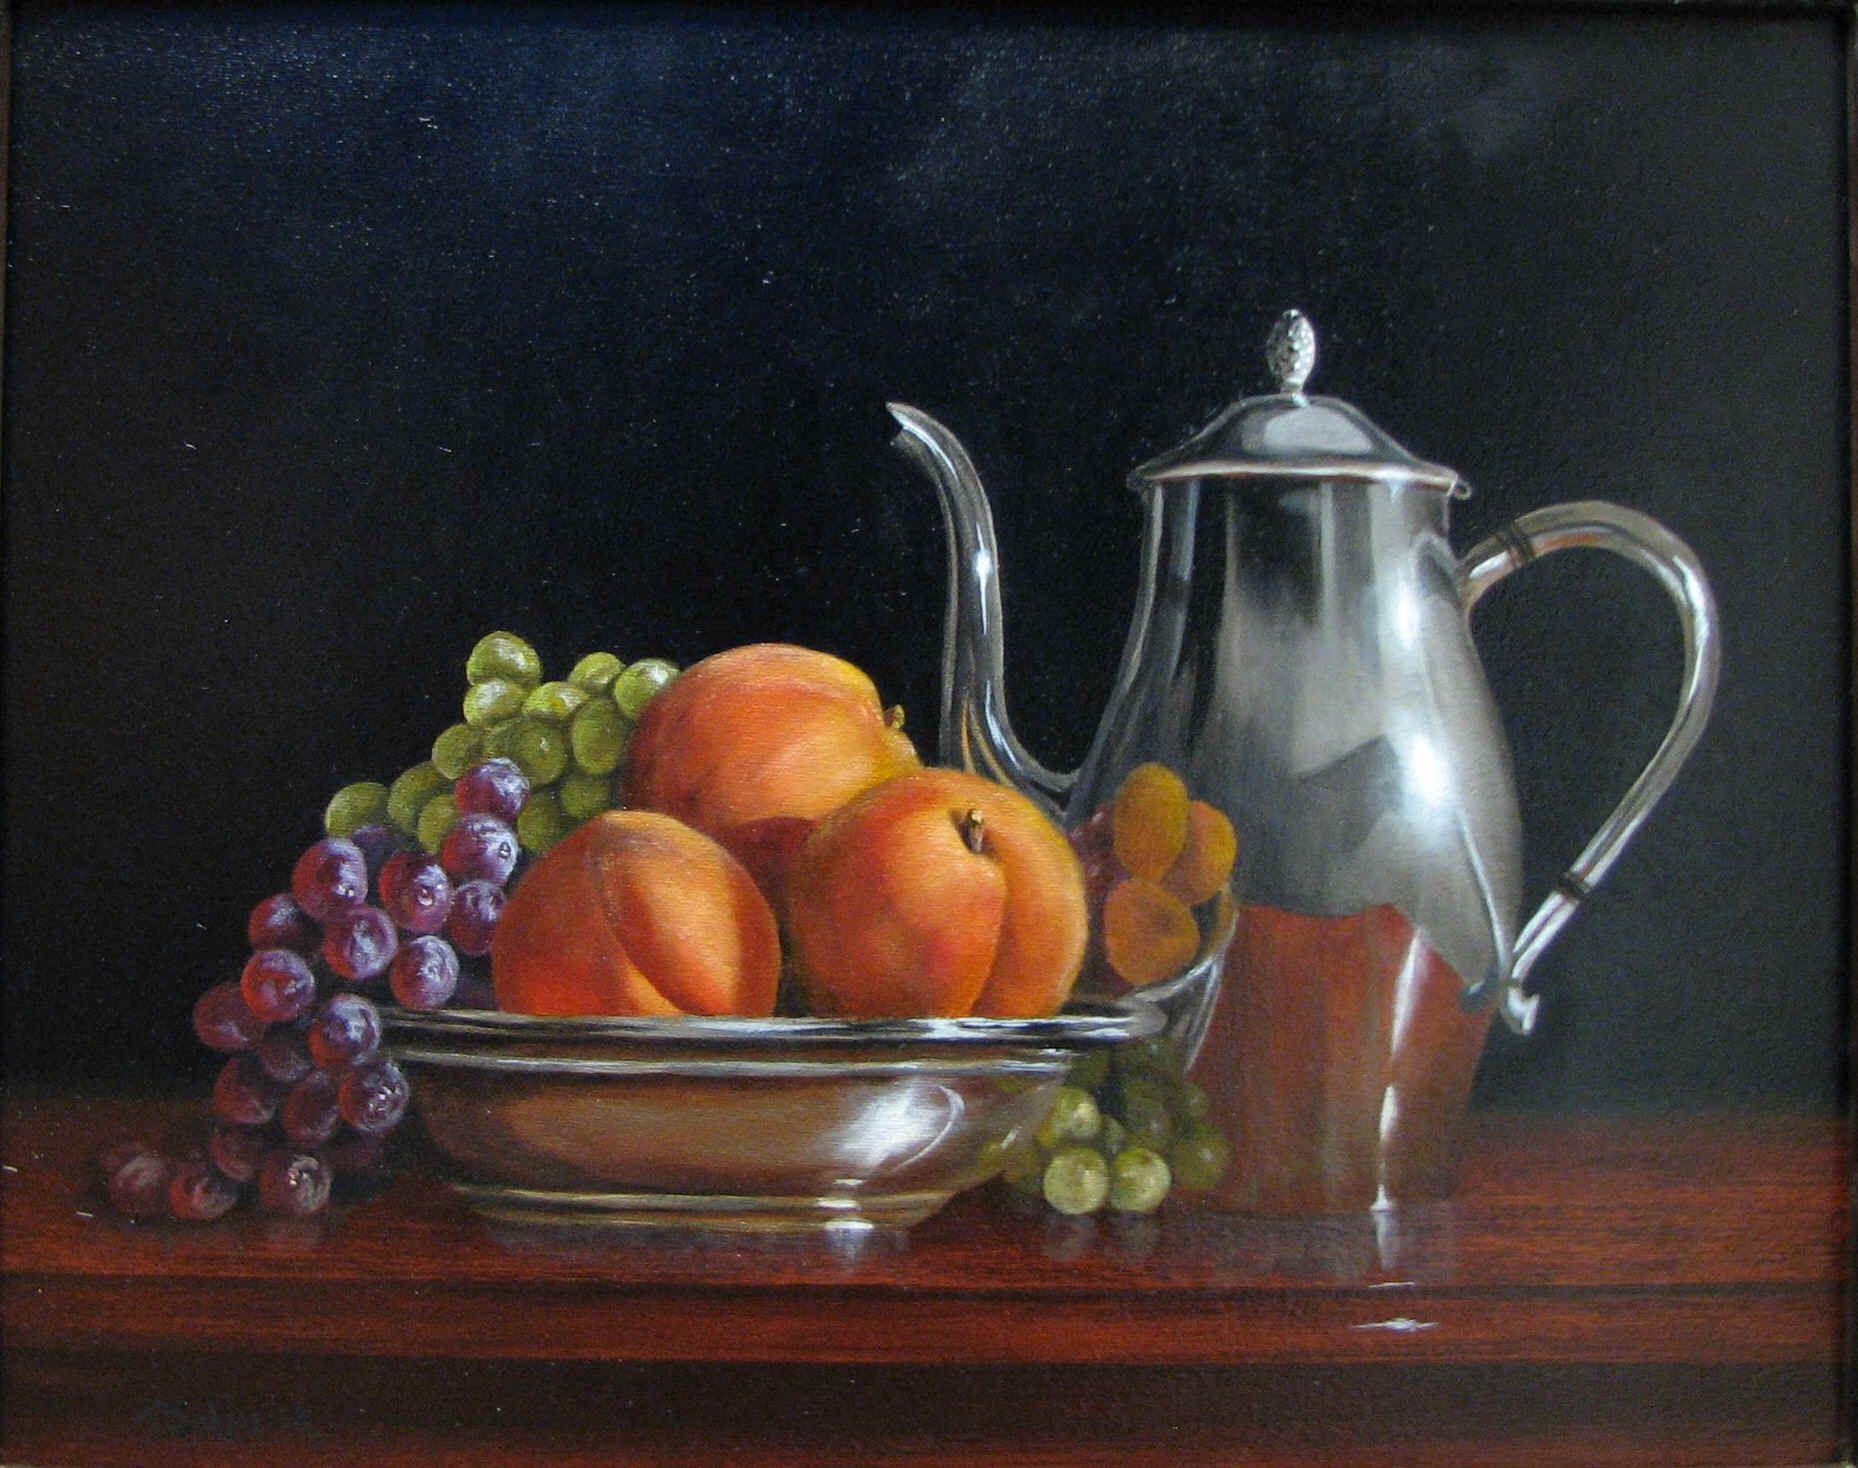 Oil Paintings by Tammy Schlosser - Artist Gallery of Still Life ...